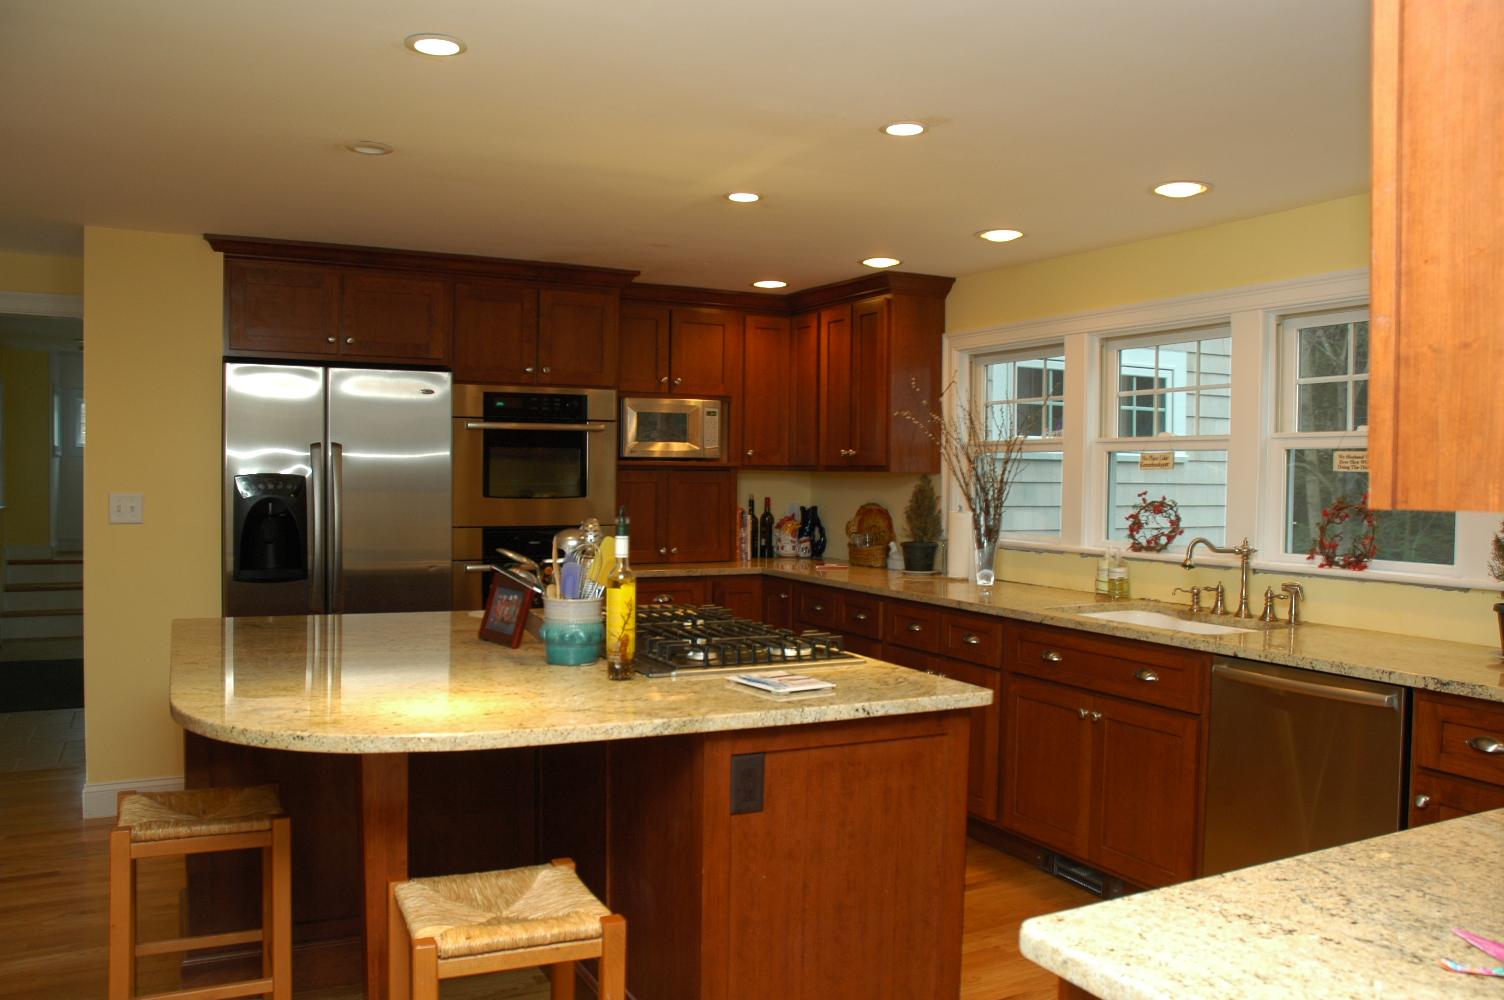 Red kitchen island photo - 3